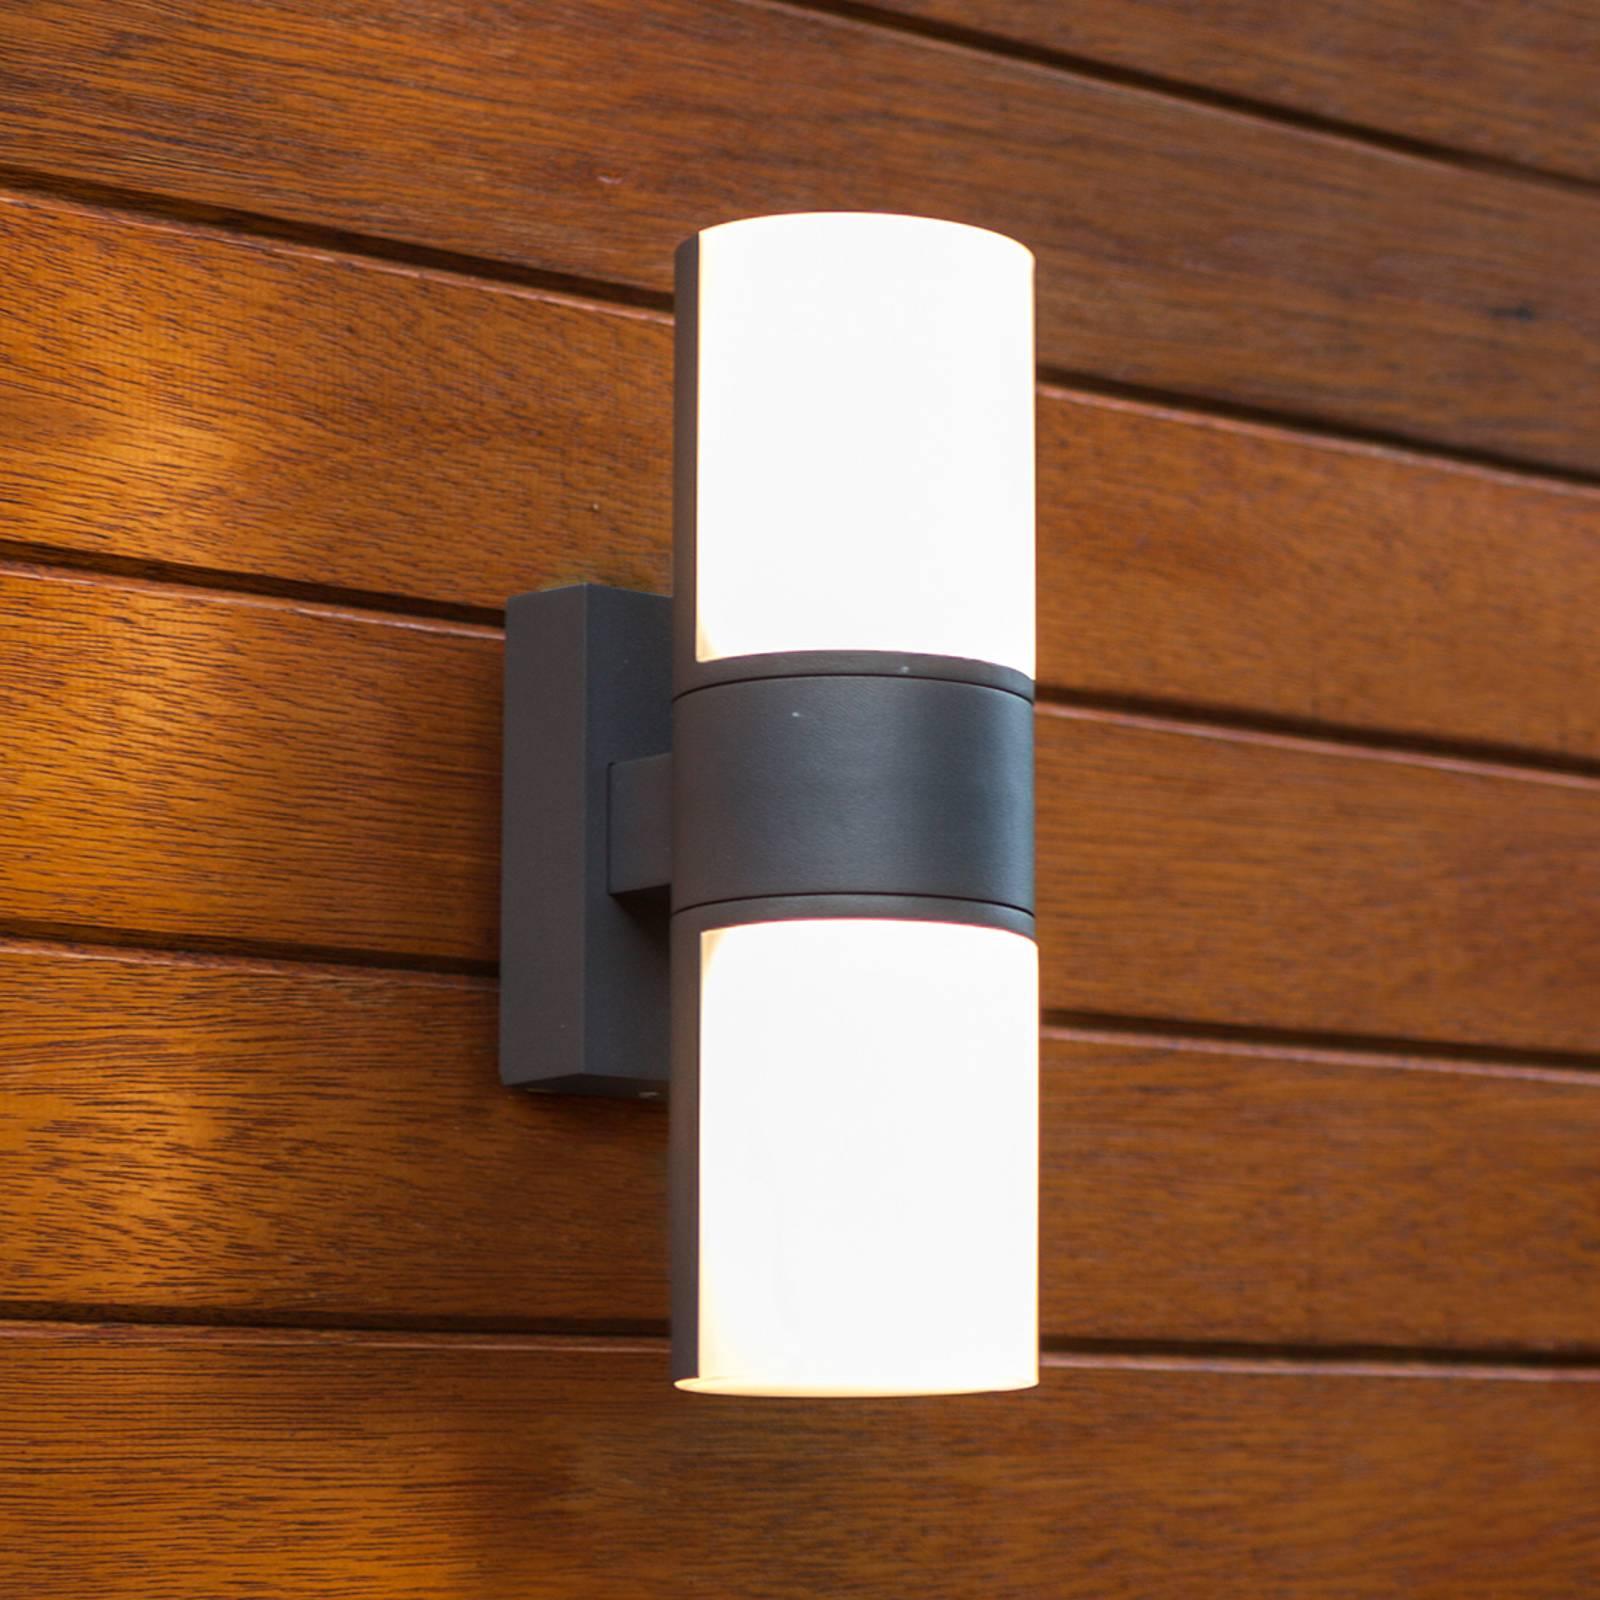 LED-Außenwandleuchte Cyra, zweiflammig